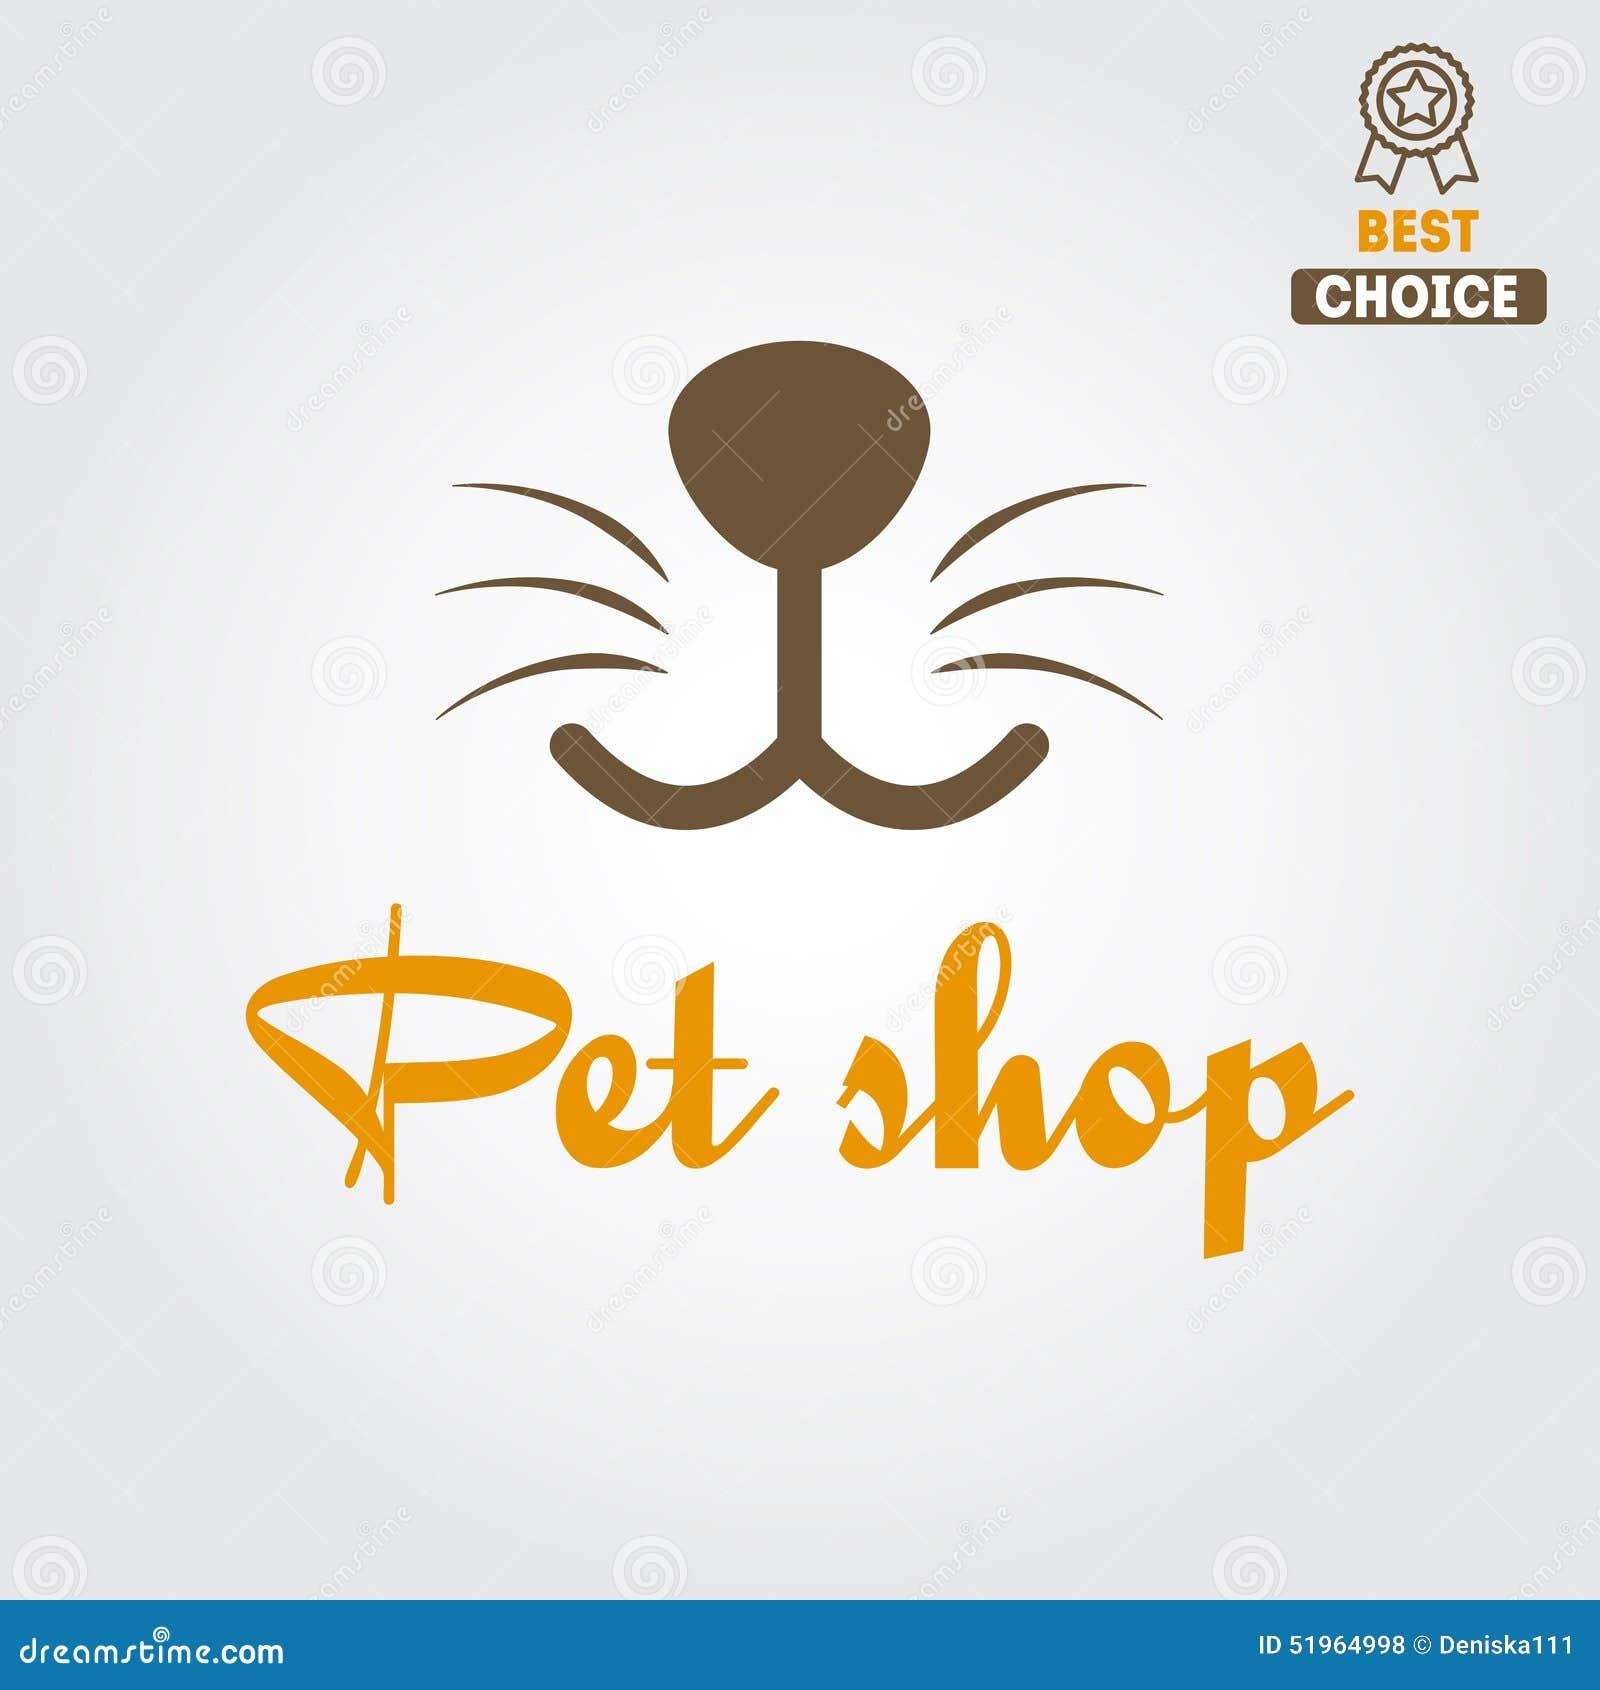 Dog Logos Free Download